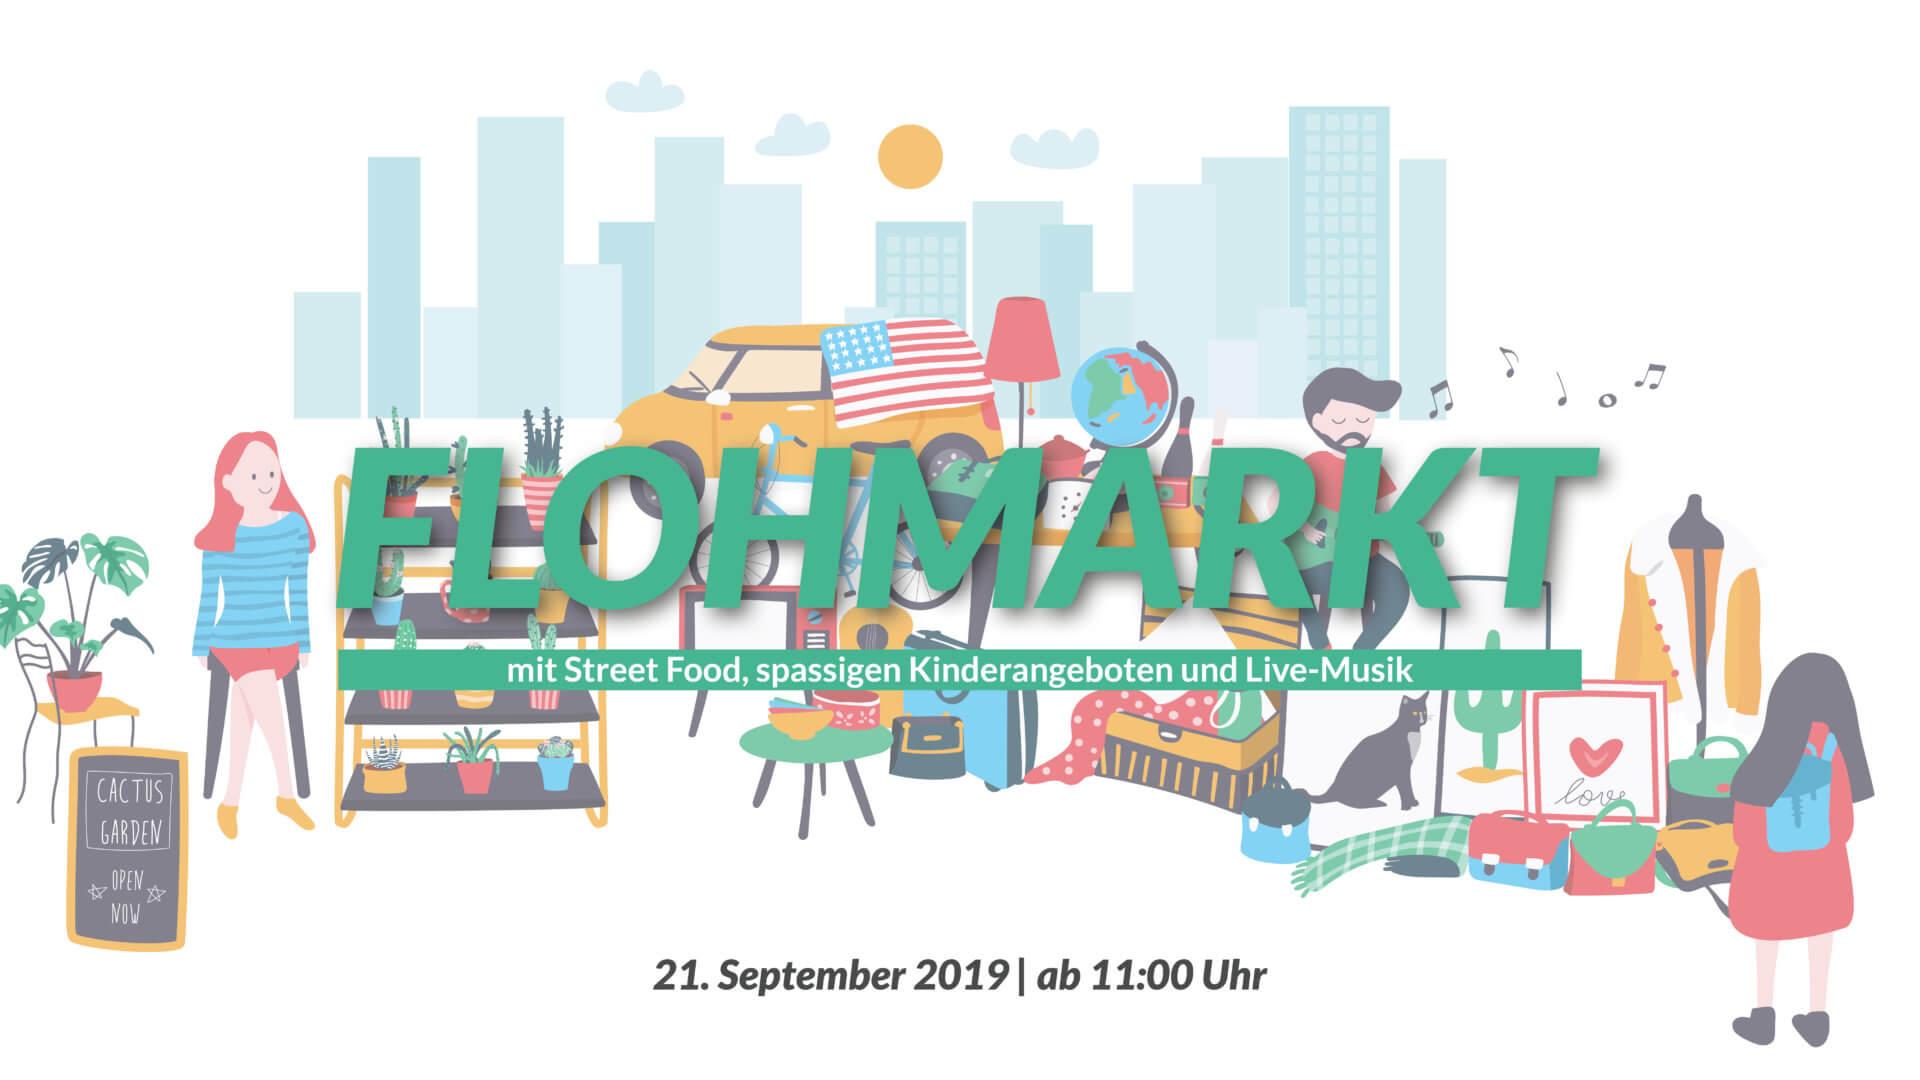 Flohmarkt_Flyer_21.09.2019